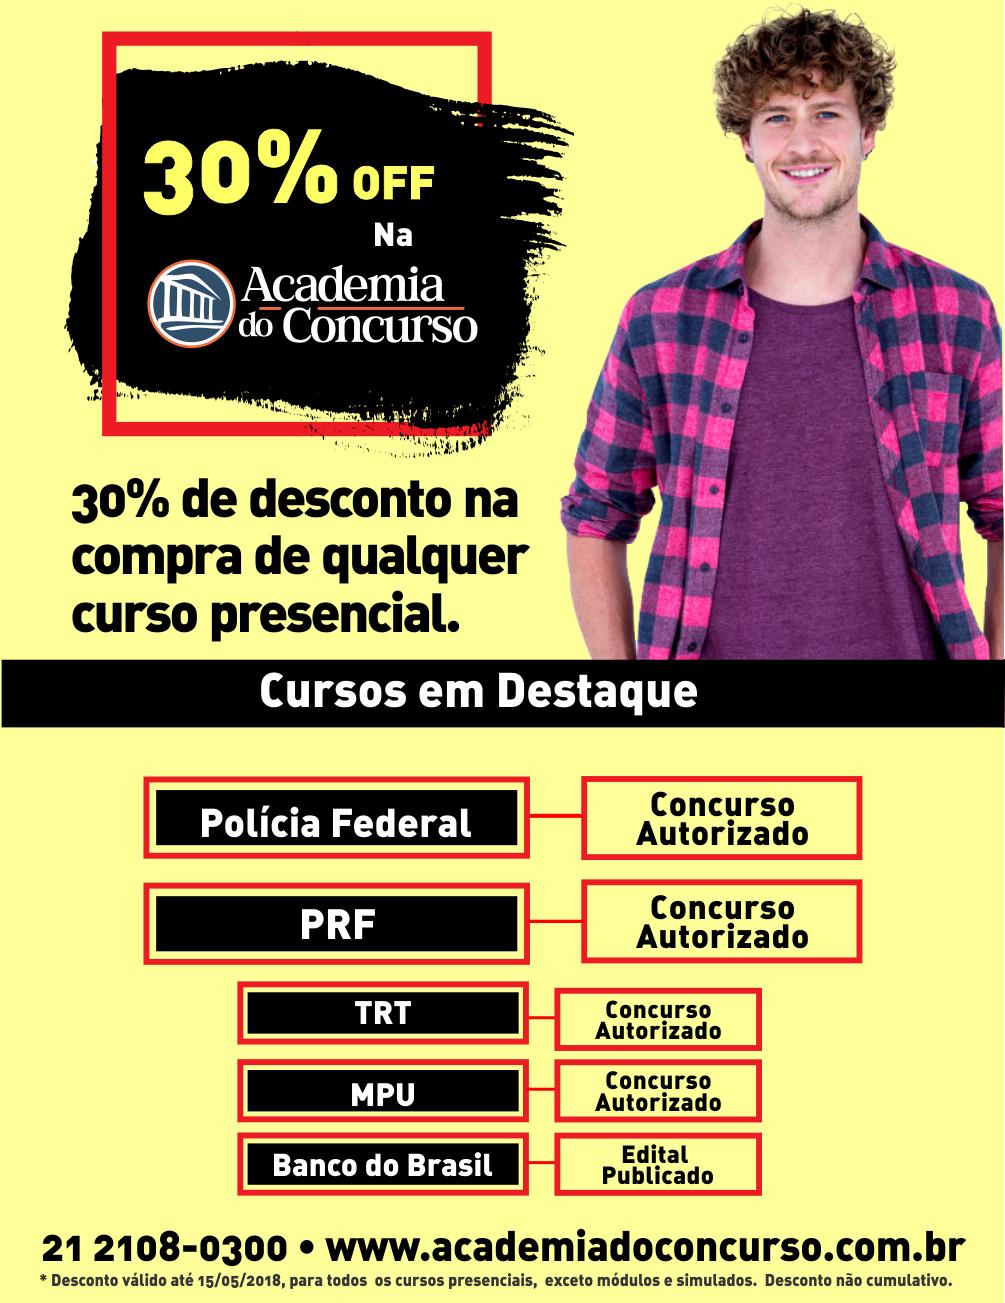 FACE_CURSOS EM DESTAQUE